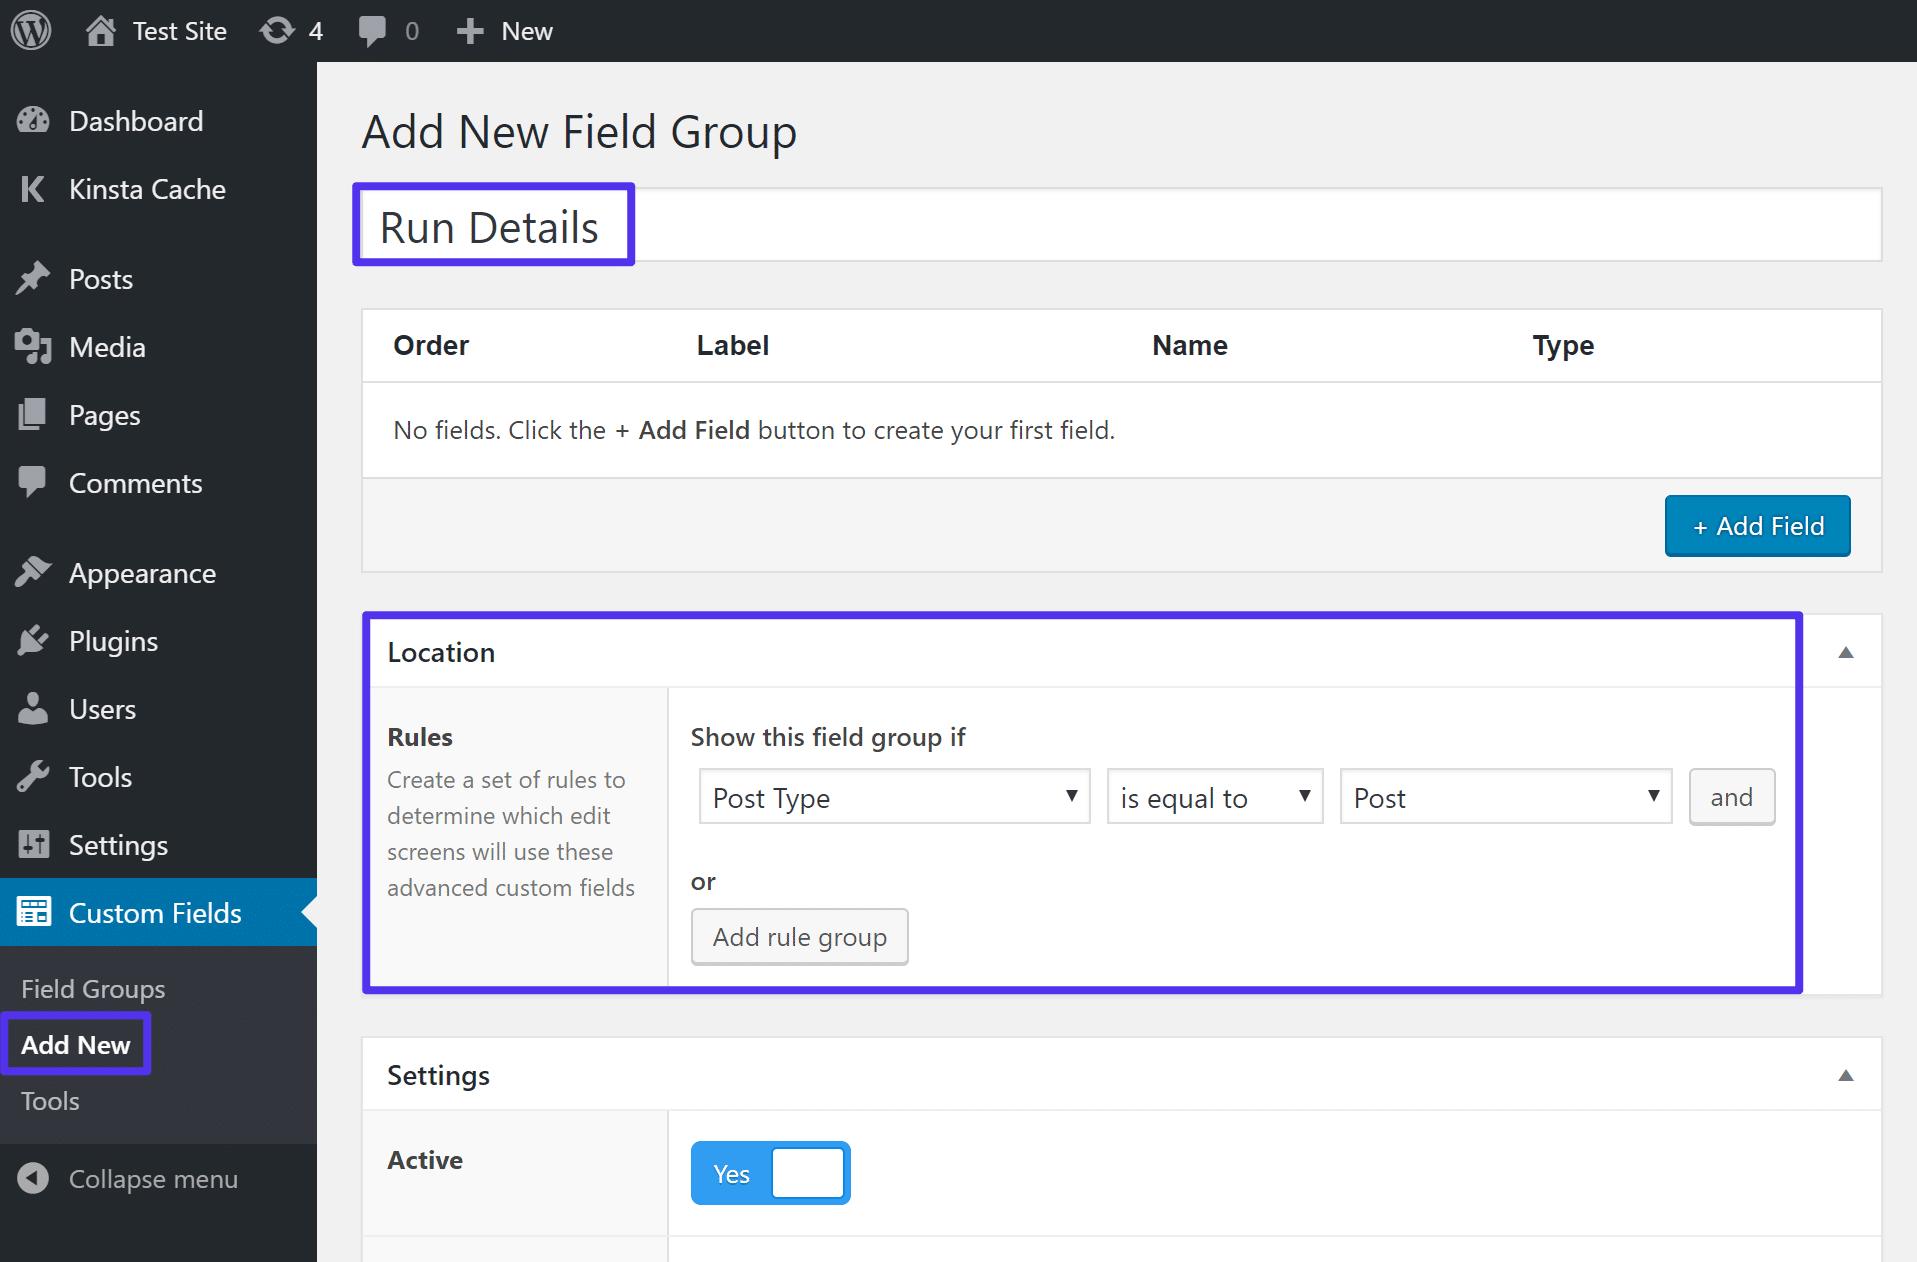 Criar um novo grupo de campos no ACF